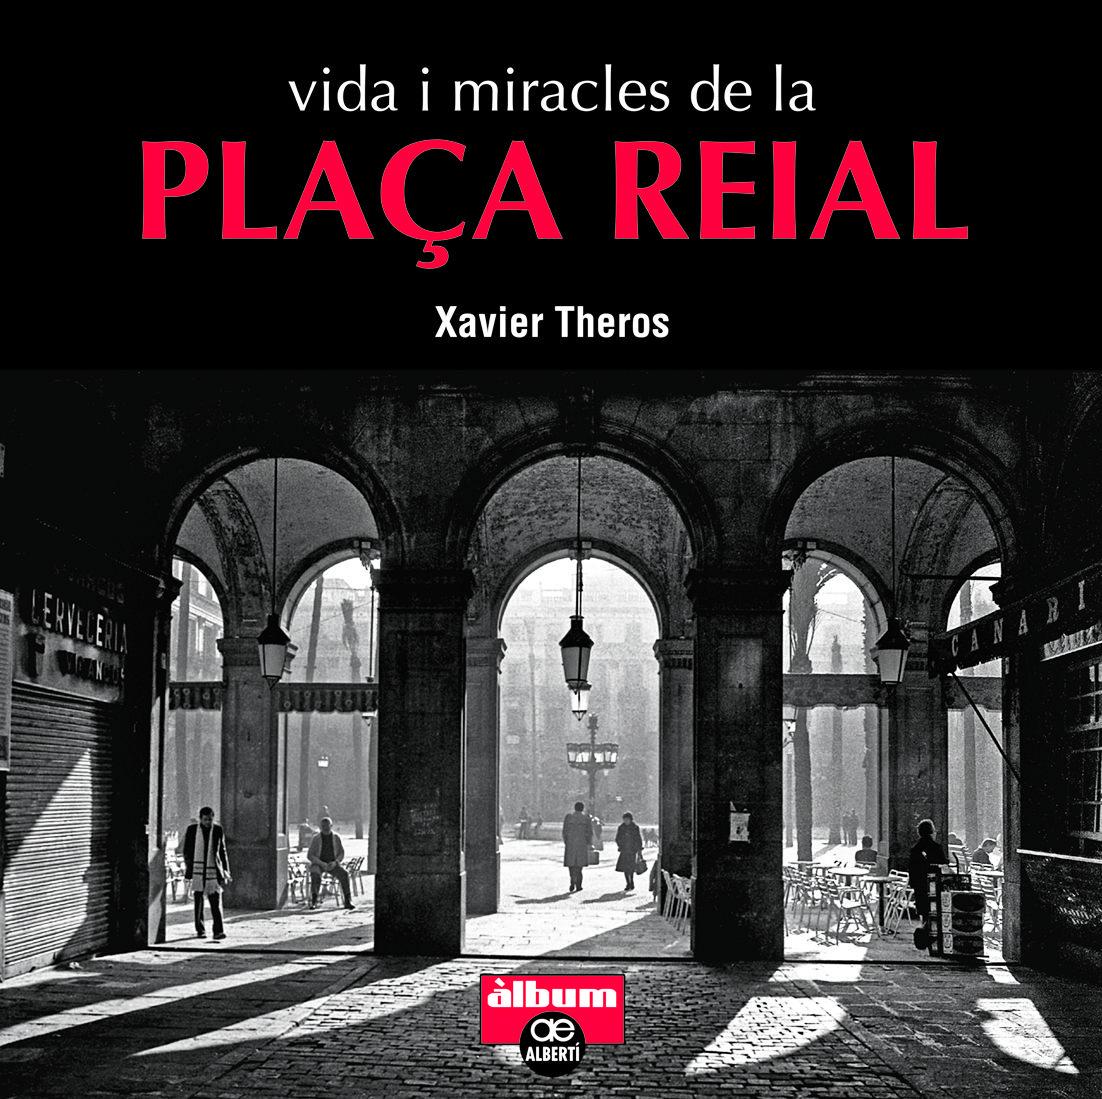 VIDA I MIRACLES DE LA PLAÇA REIAL